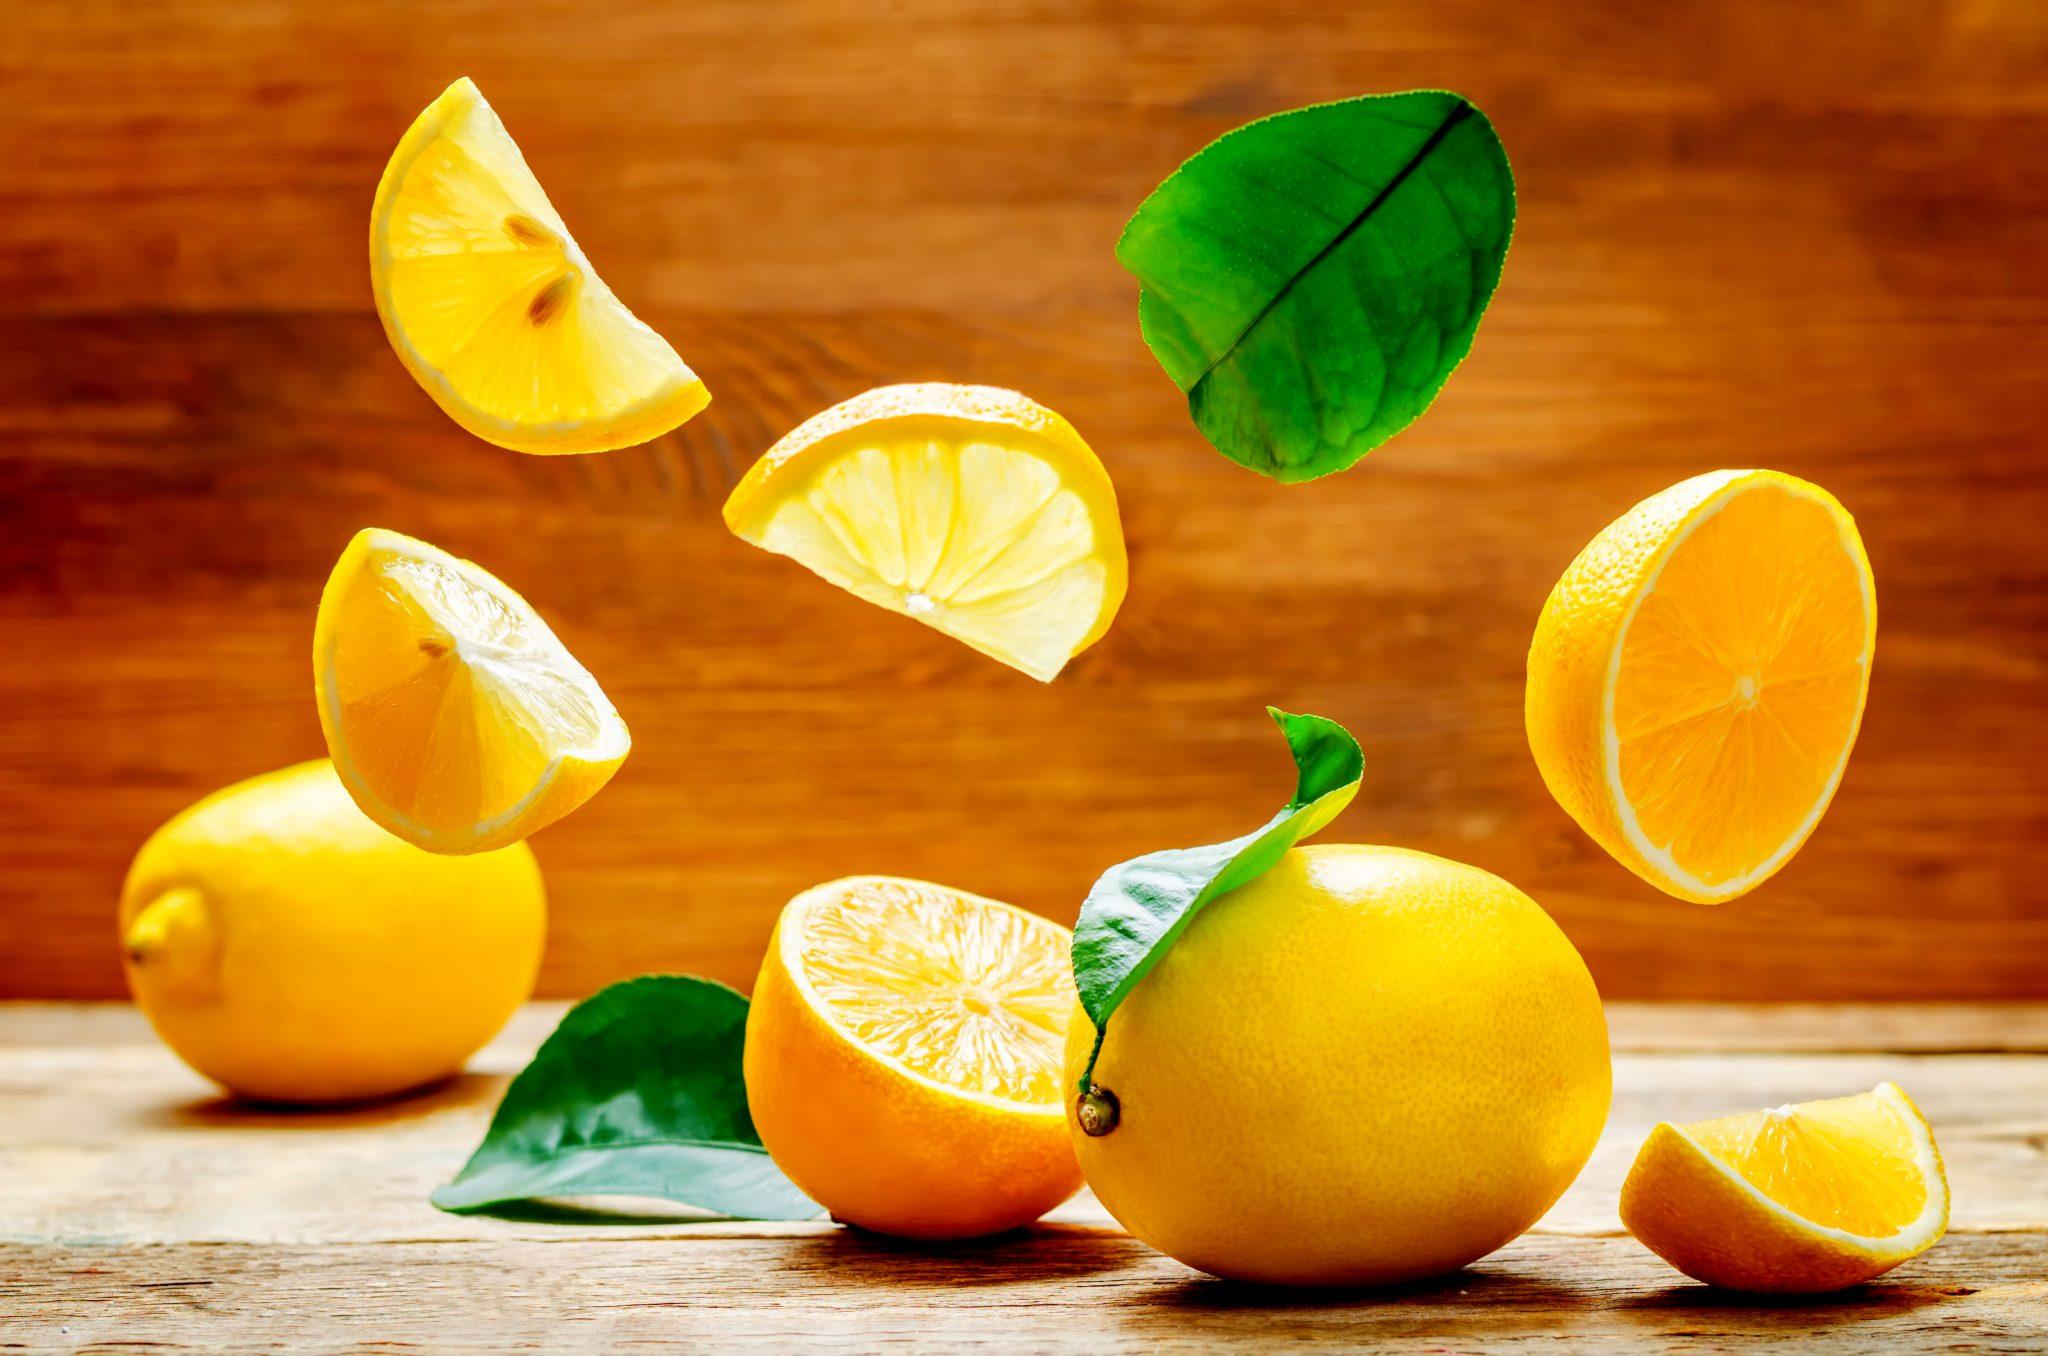 躍動感のあるレモン